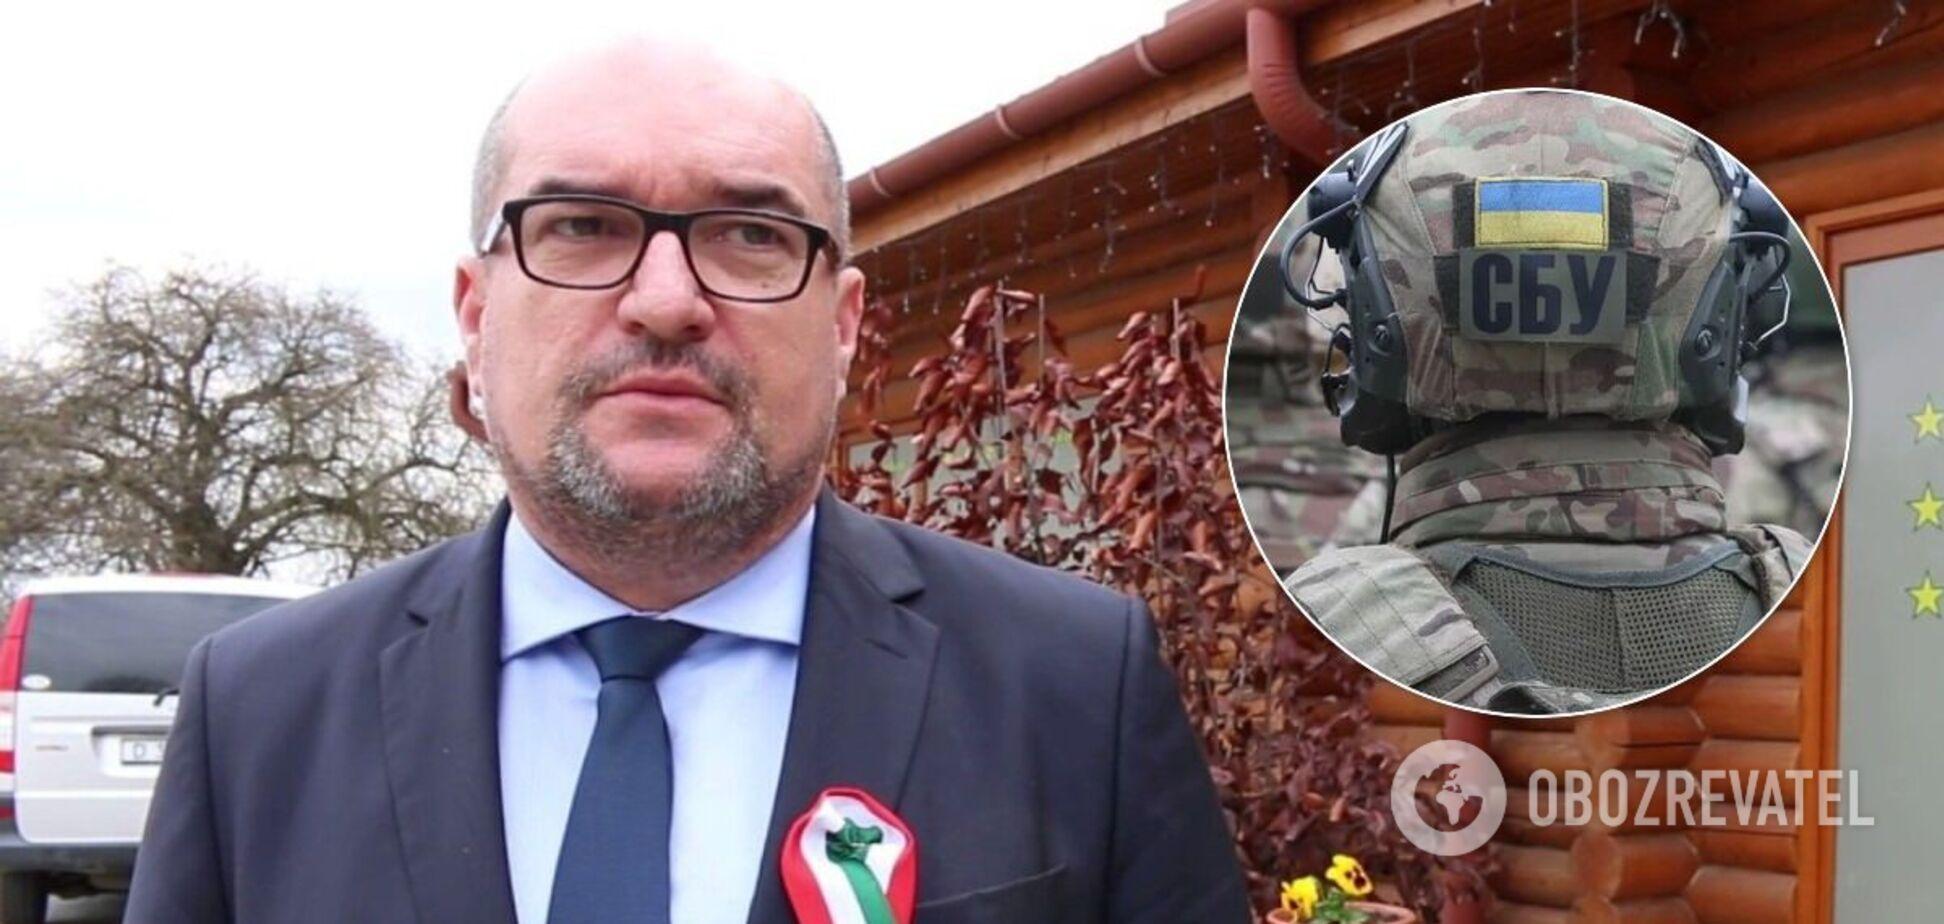 Прокуратура готує підозру лідеру партії закарпатських угорців